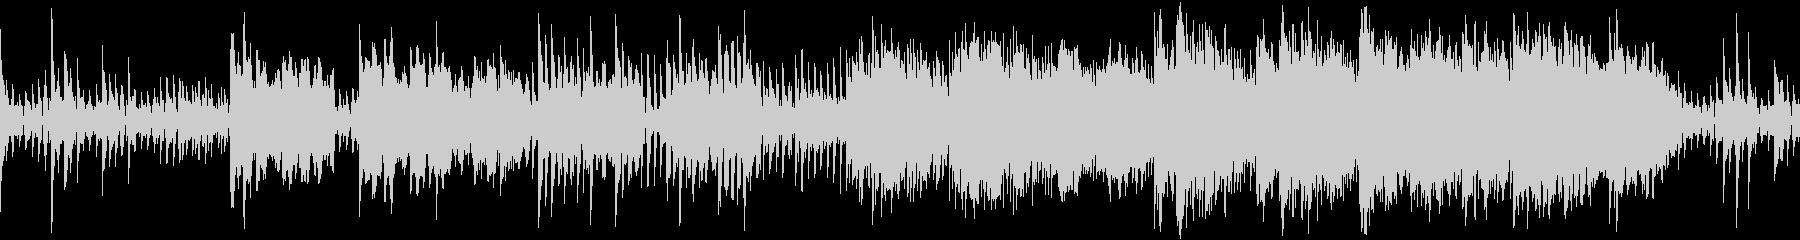 ダークで緊張感のあるホラーサウンドの未再生の波形